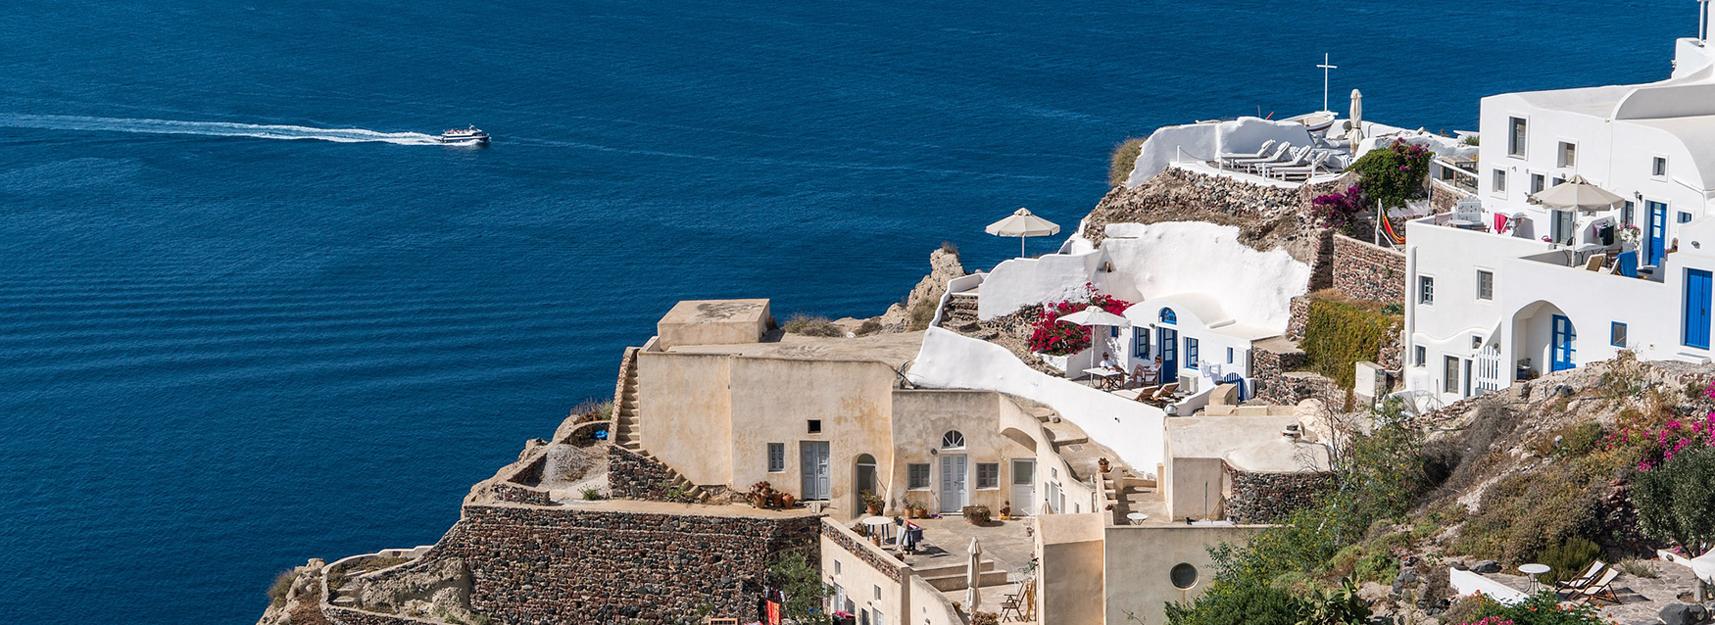 zeilen in Griekenland: Santorini, Cycladen